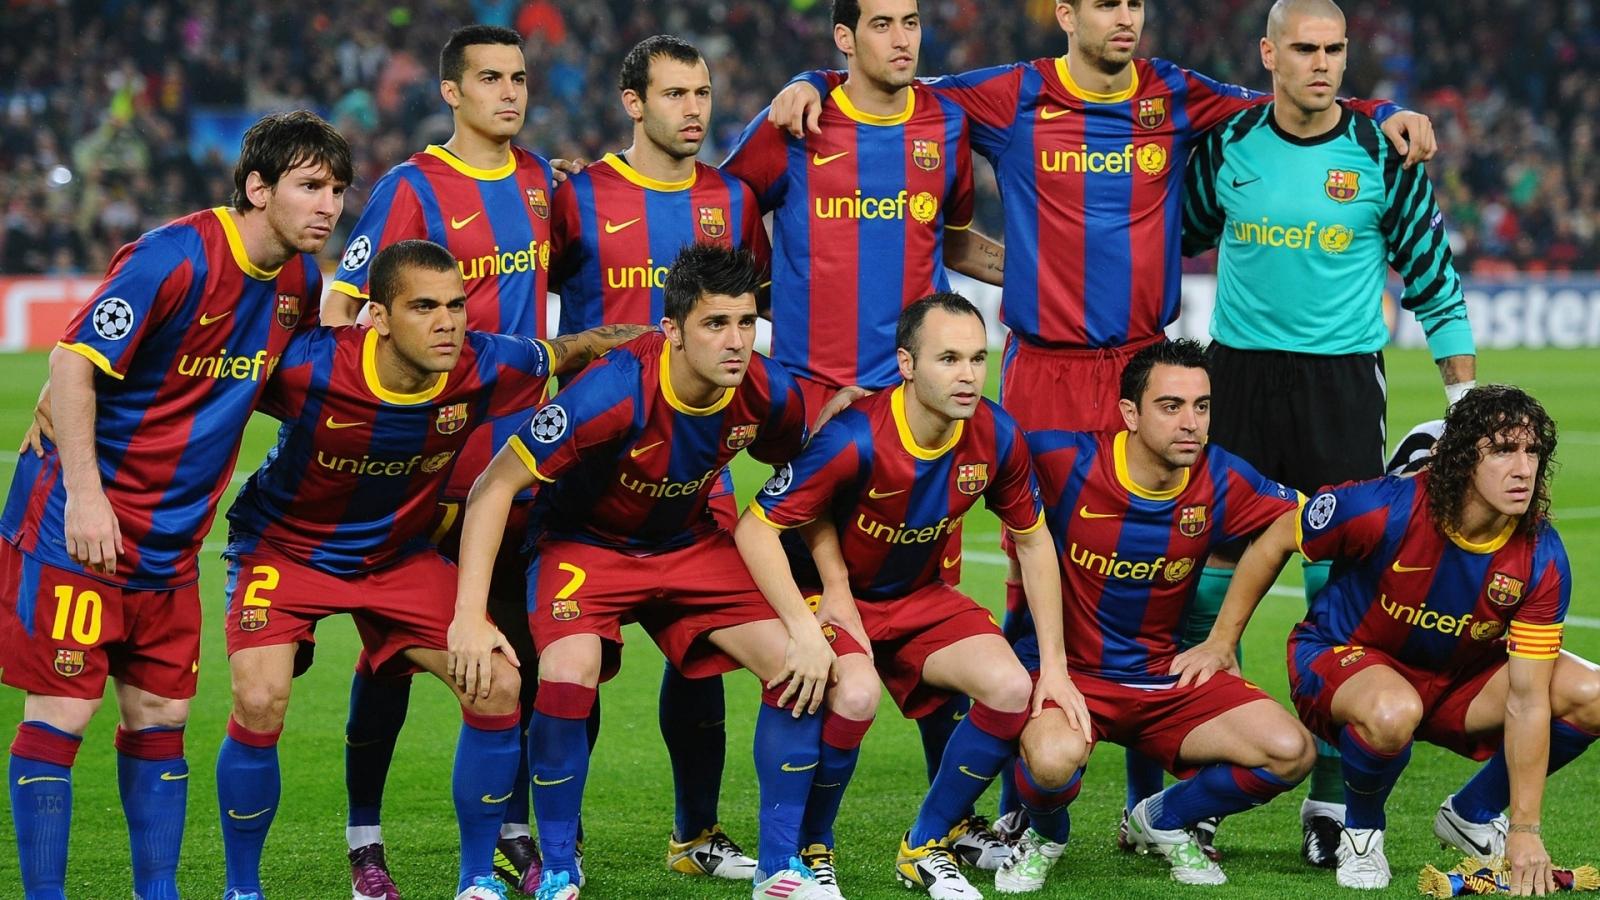 Selección del Barcelona 2015 - 1600x900